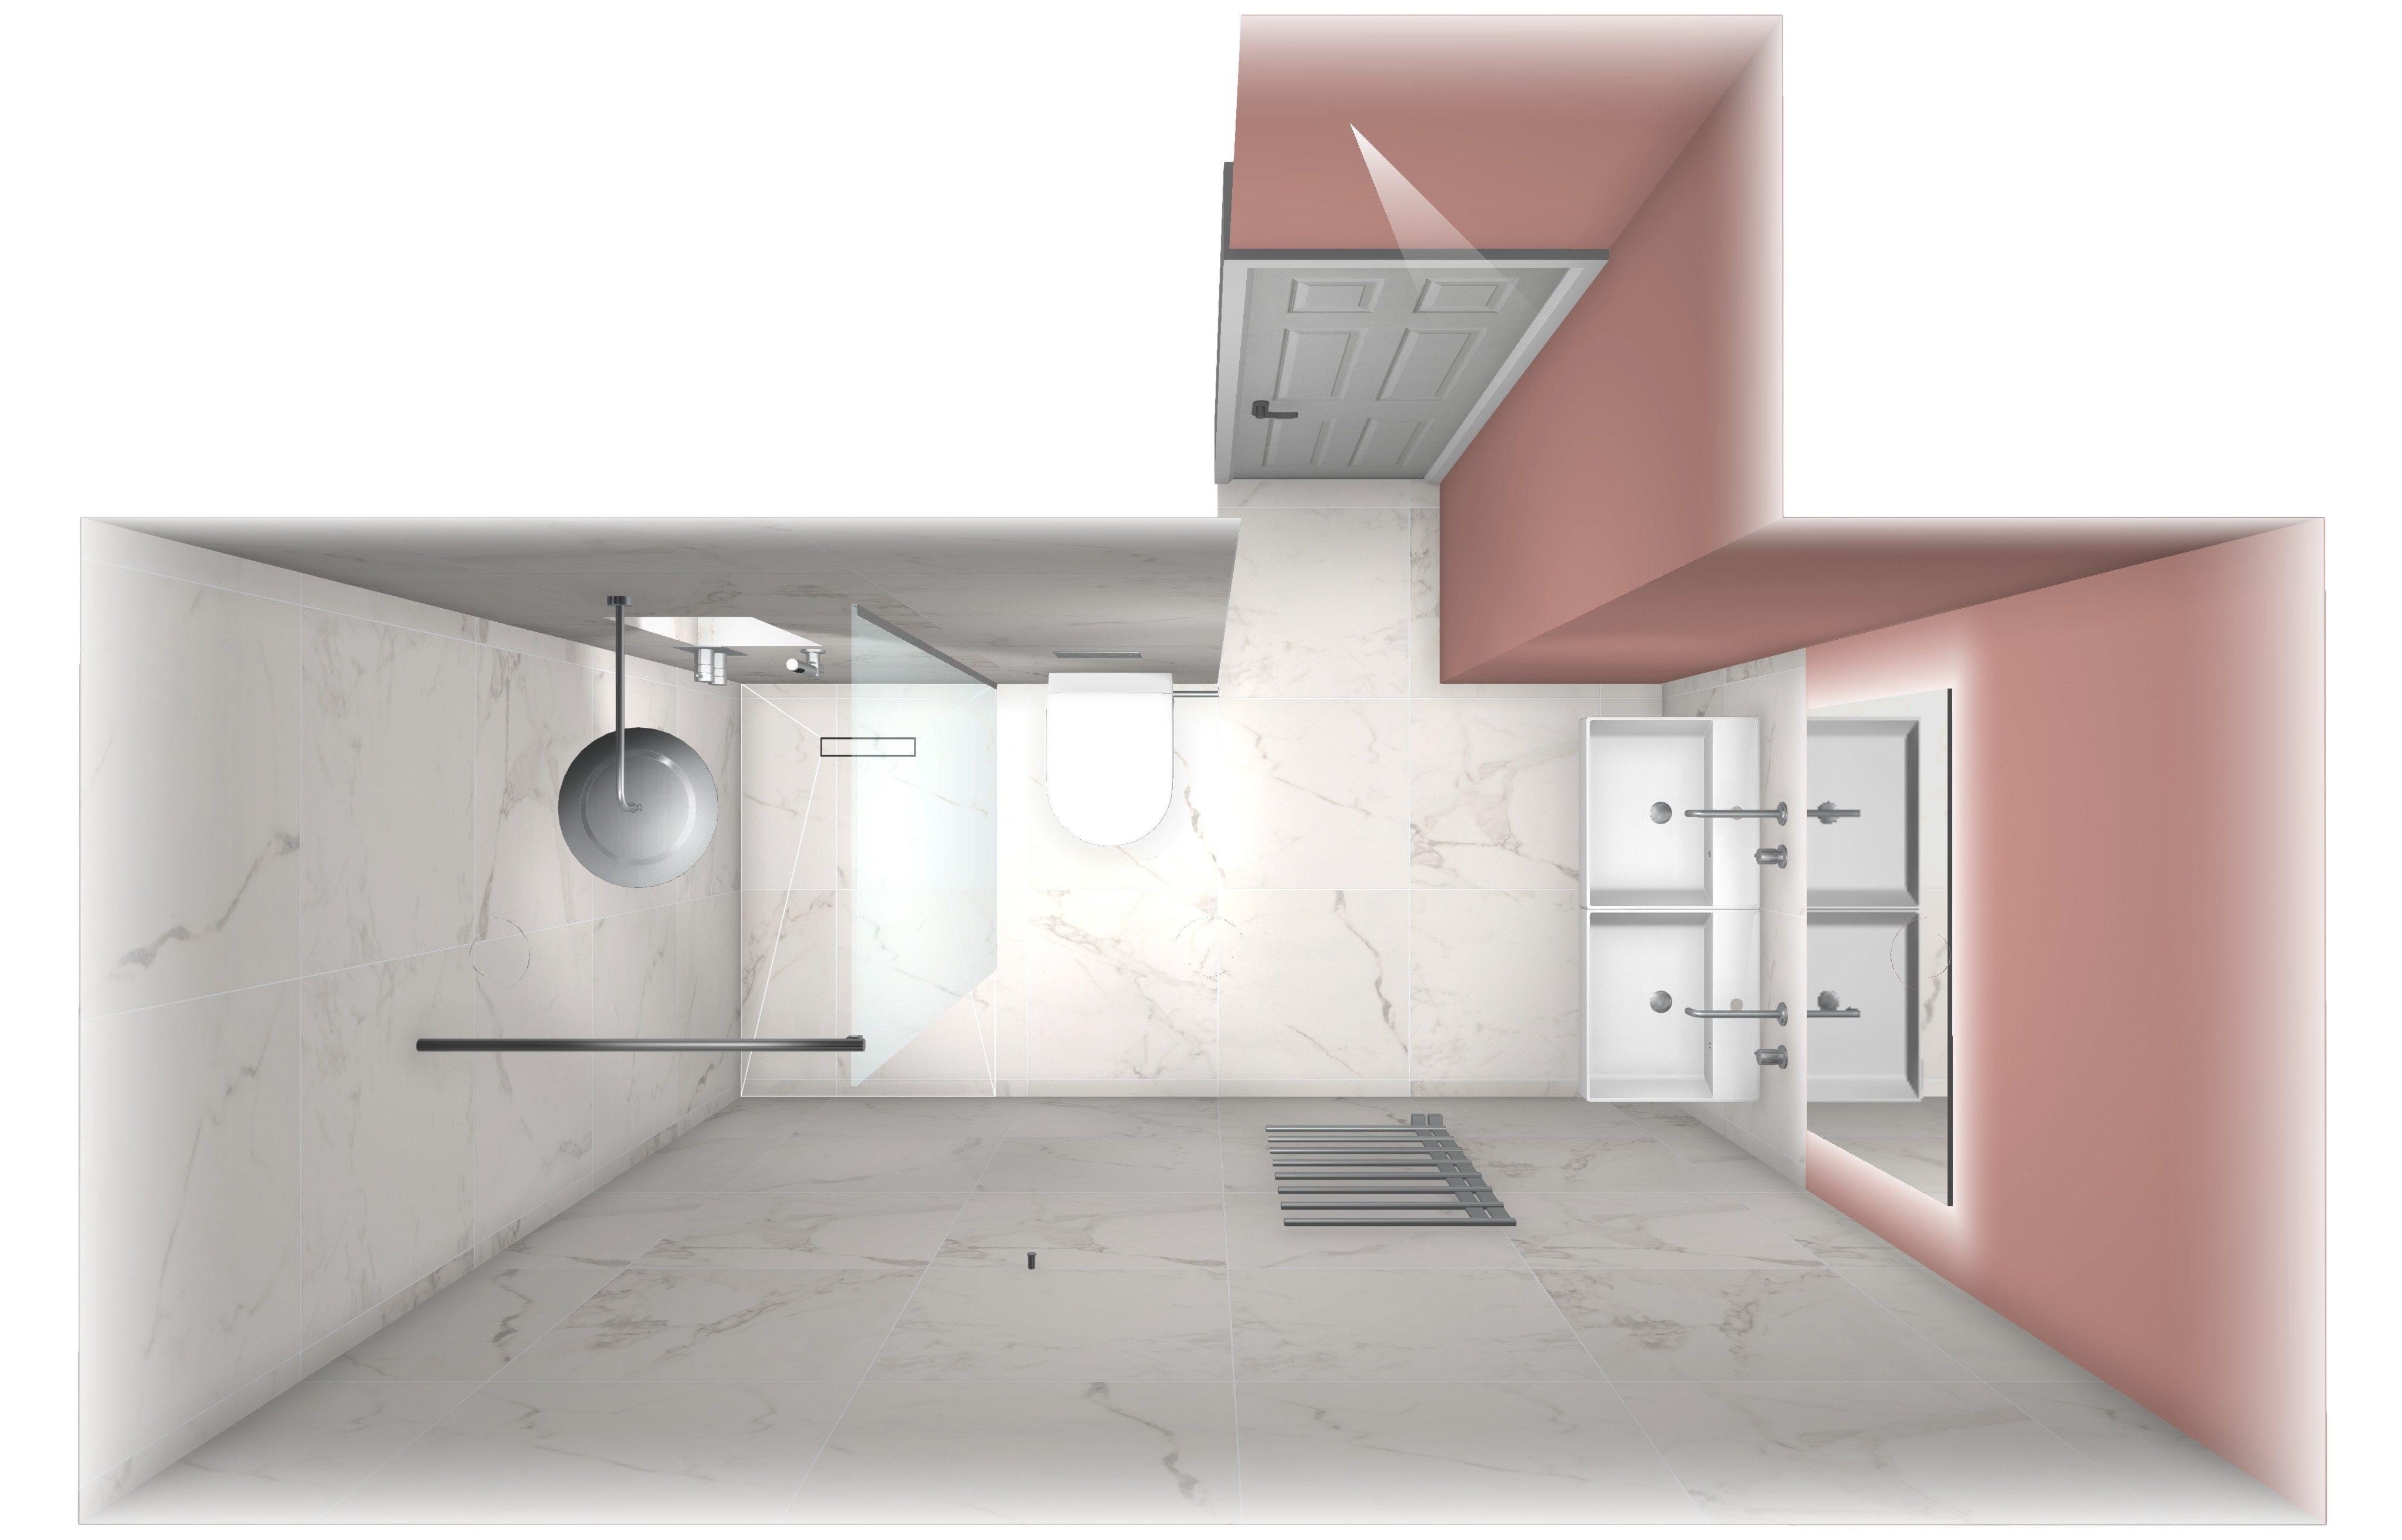 BathroomsByDesign - Blog - Design of the Week: Ensuite, Fulham